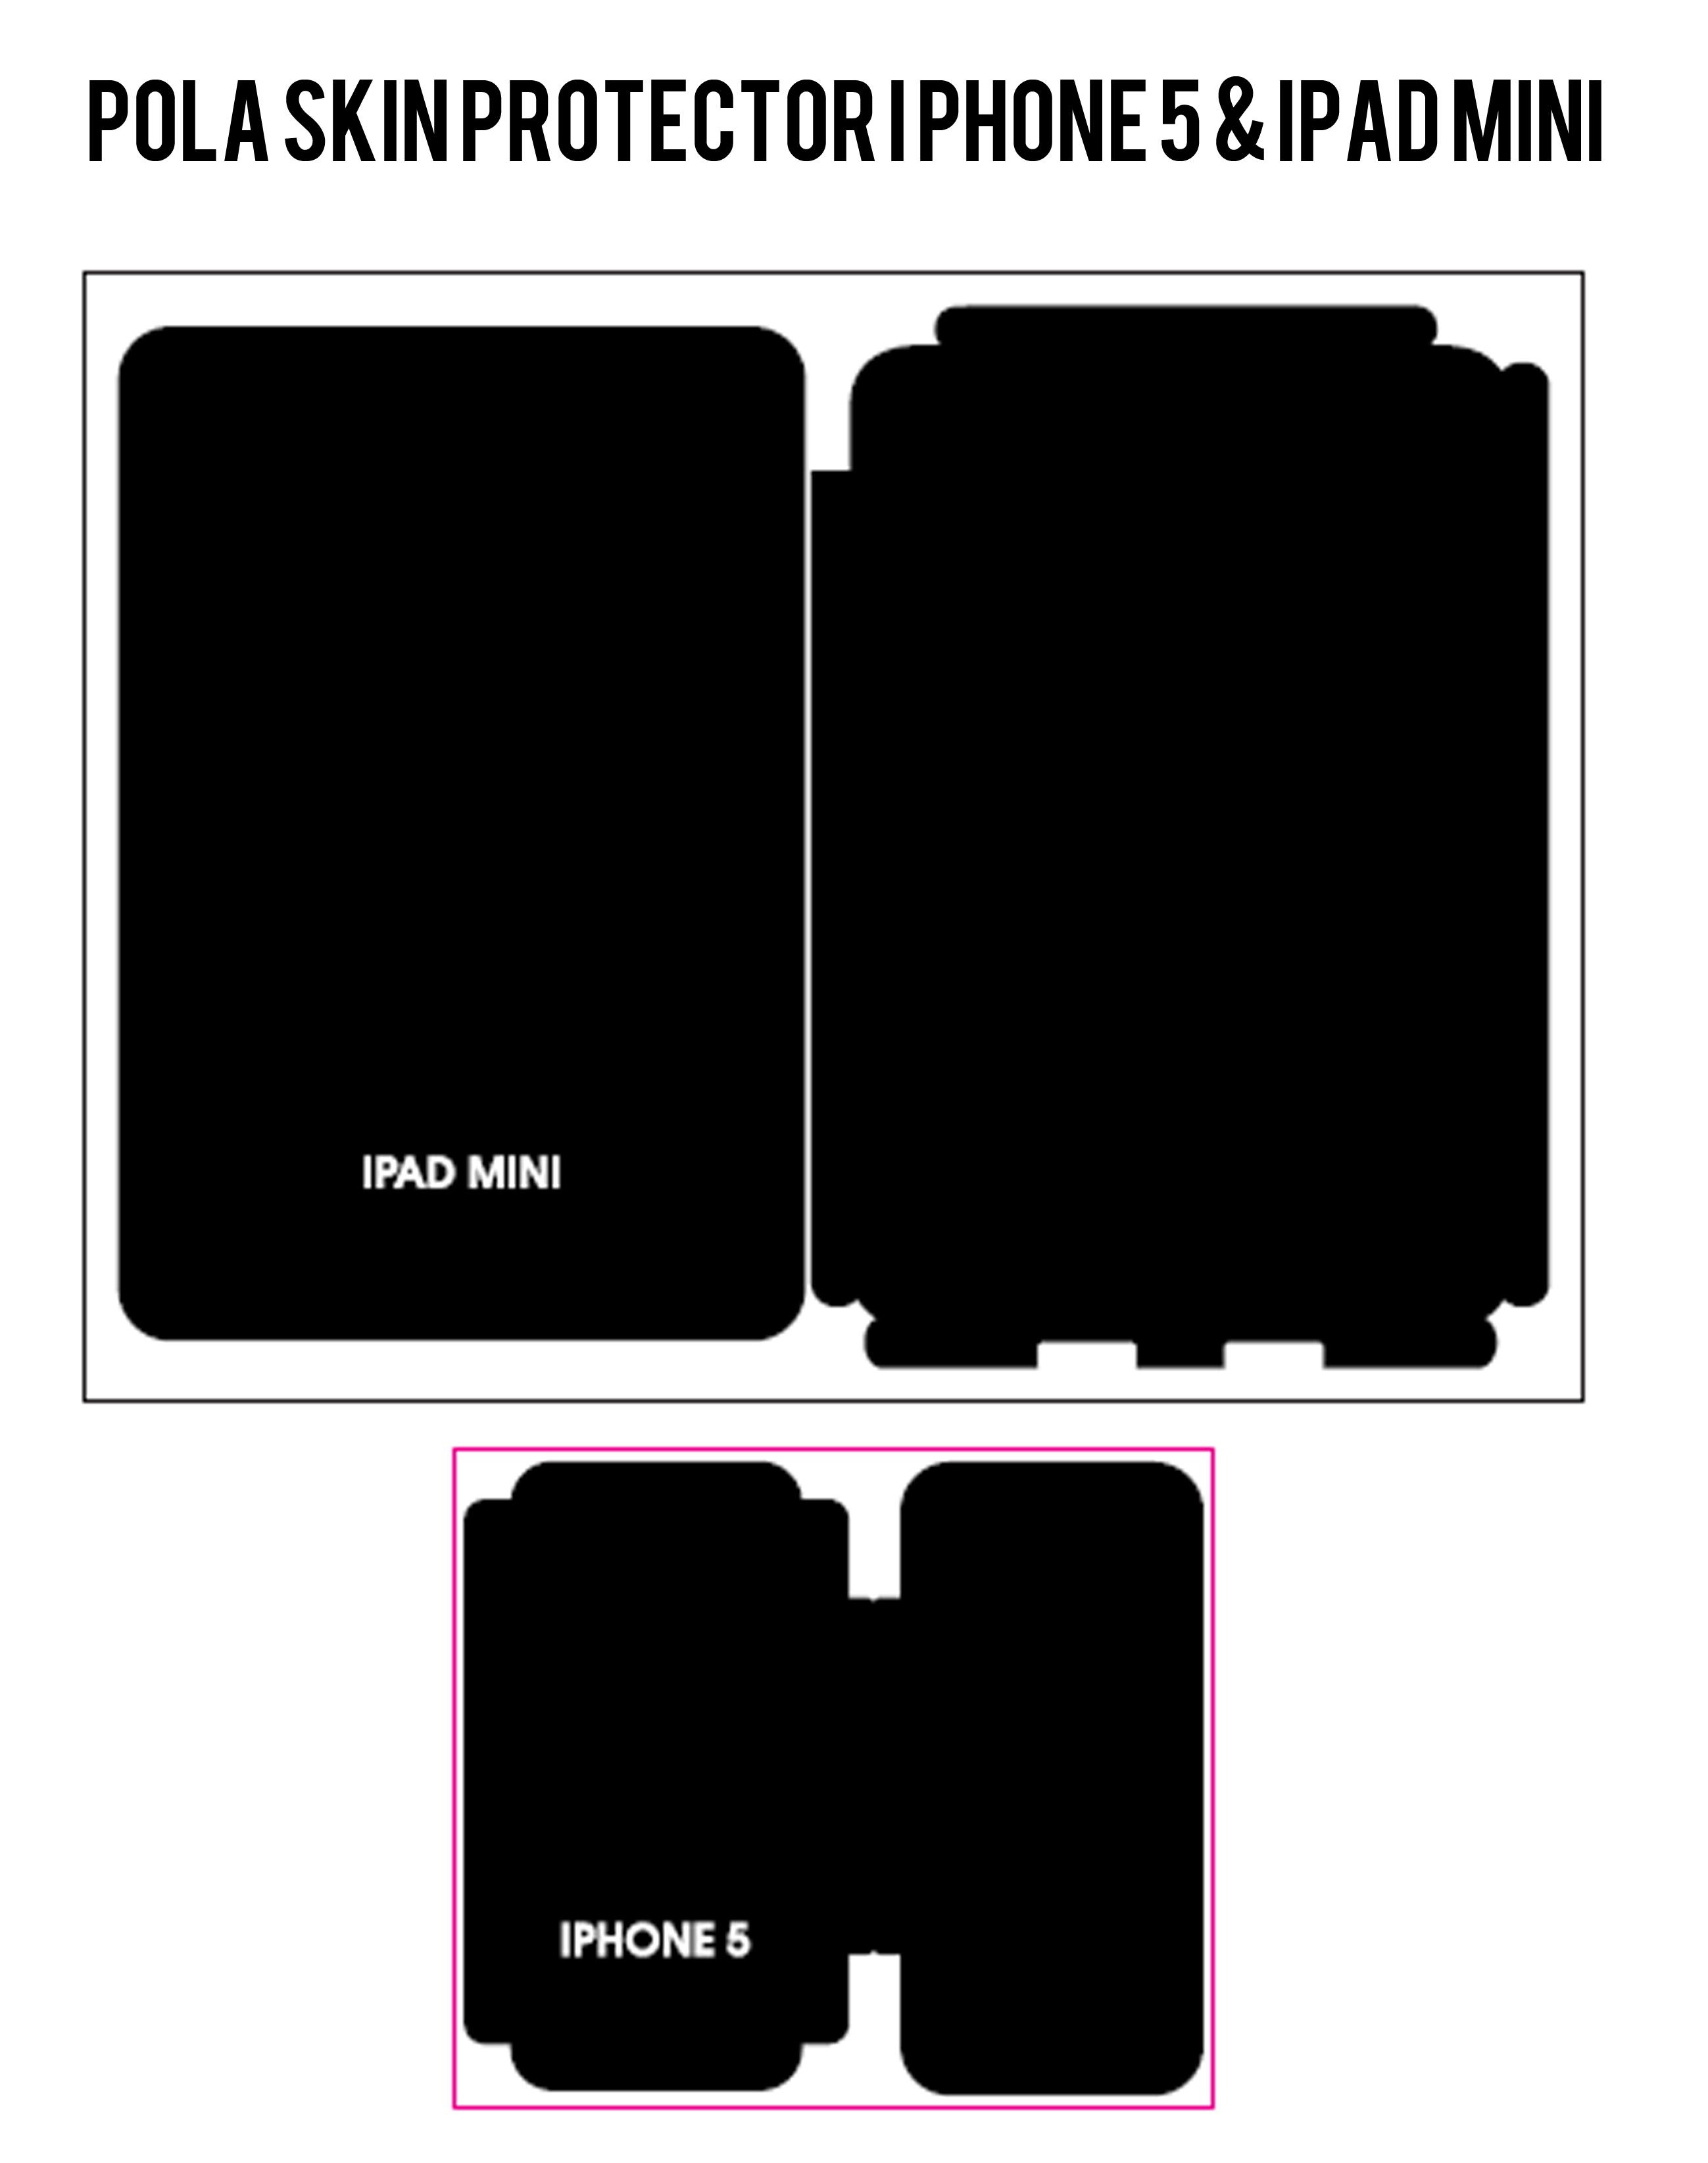 pola skin iphone 5 & ipad mini